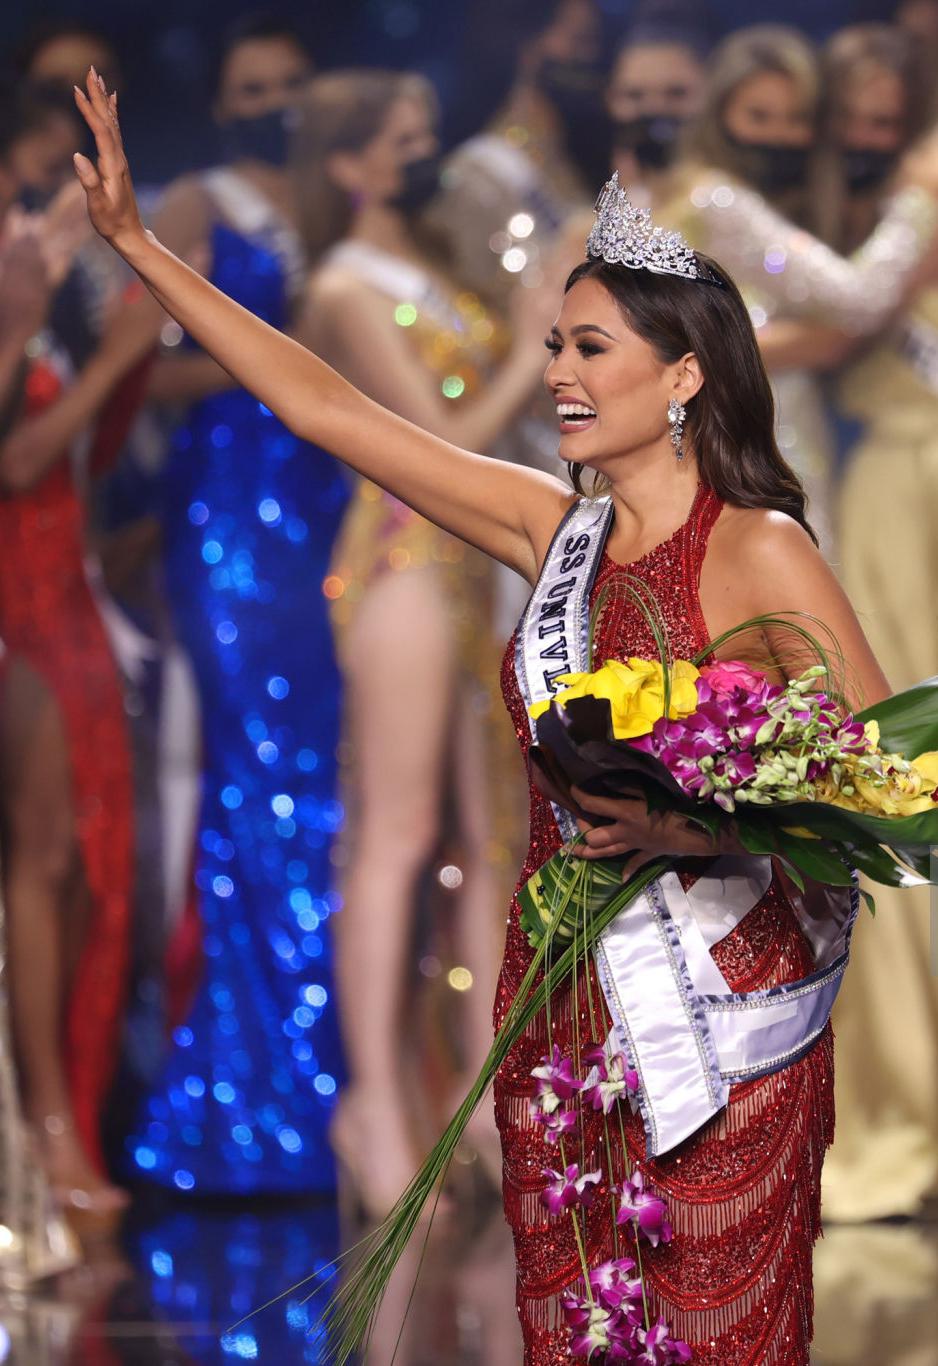 Vượt qua 73 thí sinh, Andrea Meza đến từ Mexico đăng quang Hoa hậu Hoàn vũ 2020. Cô thuộc nhóm thí sinh mạnh của cuộc thi năm nay, phong độ ổn định. Vì thế, chiến thắng của người đẹp không quá bất ngờ. Từ khiWME/IMG nắm quyền sở hữu cuộc thi (từ 2015) thì đây là năm đầu tiên đại diện đến từ châu Mỹ đăng quang.